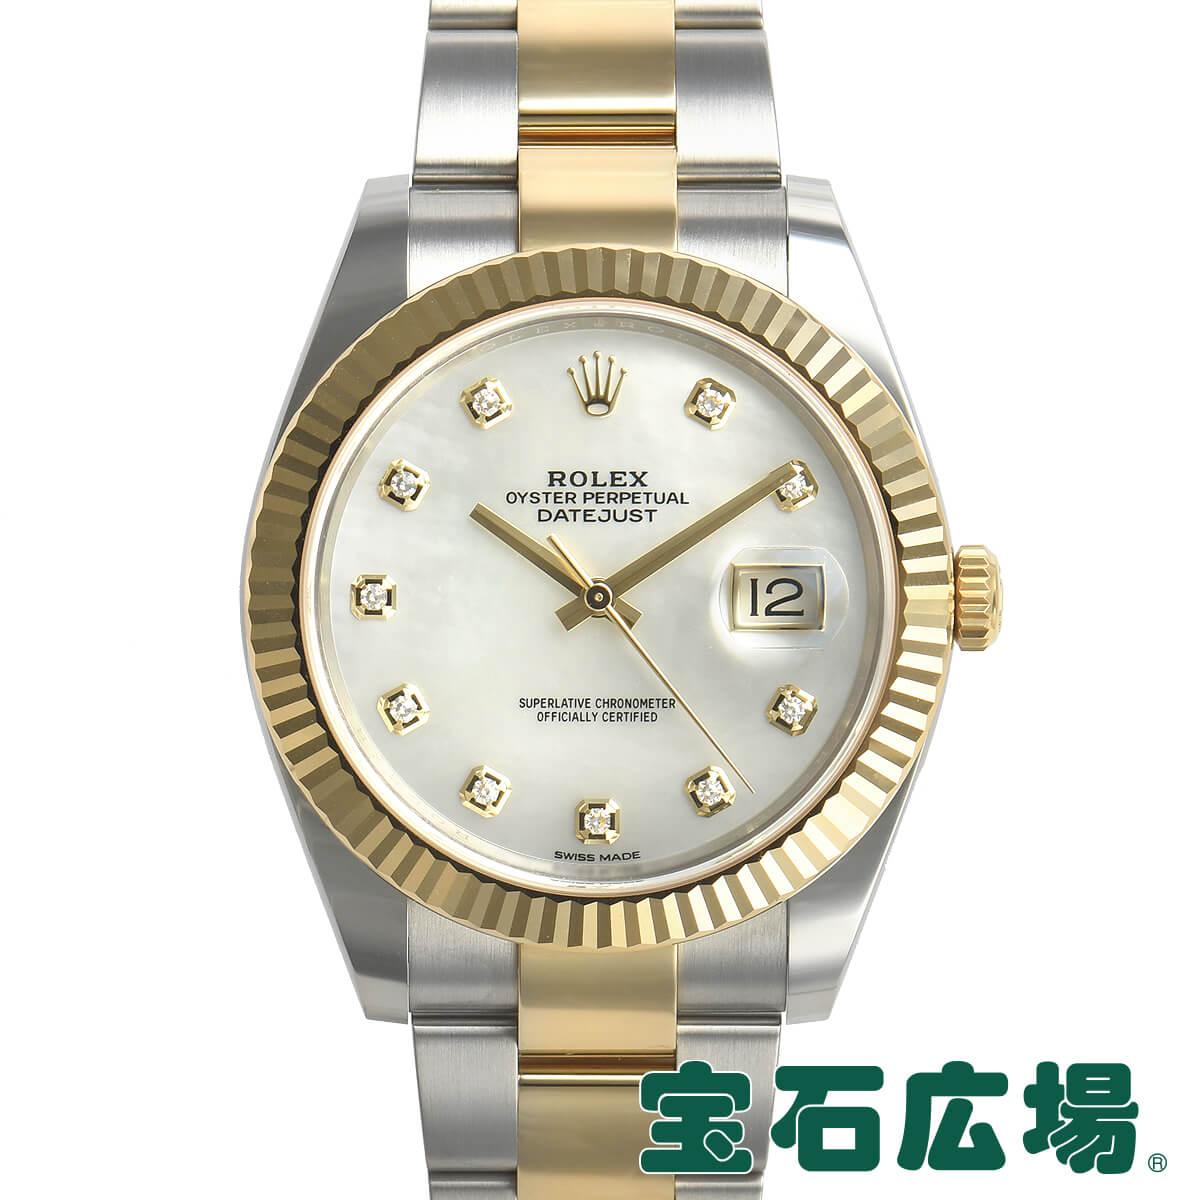 ロレックス ROLEX デイトジャスト41 126333NG【新品】メンズ 腕時計 送料無料